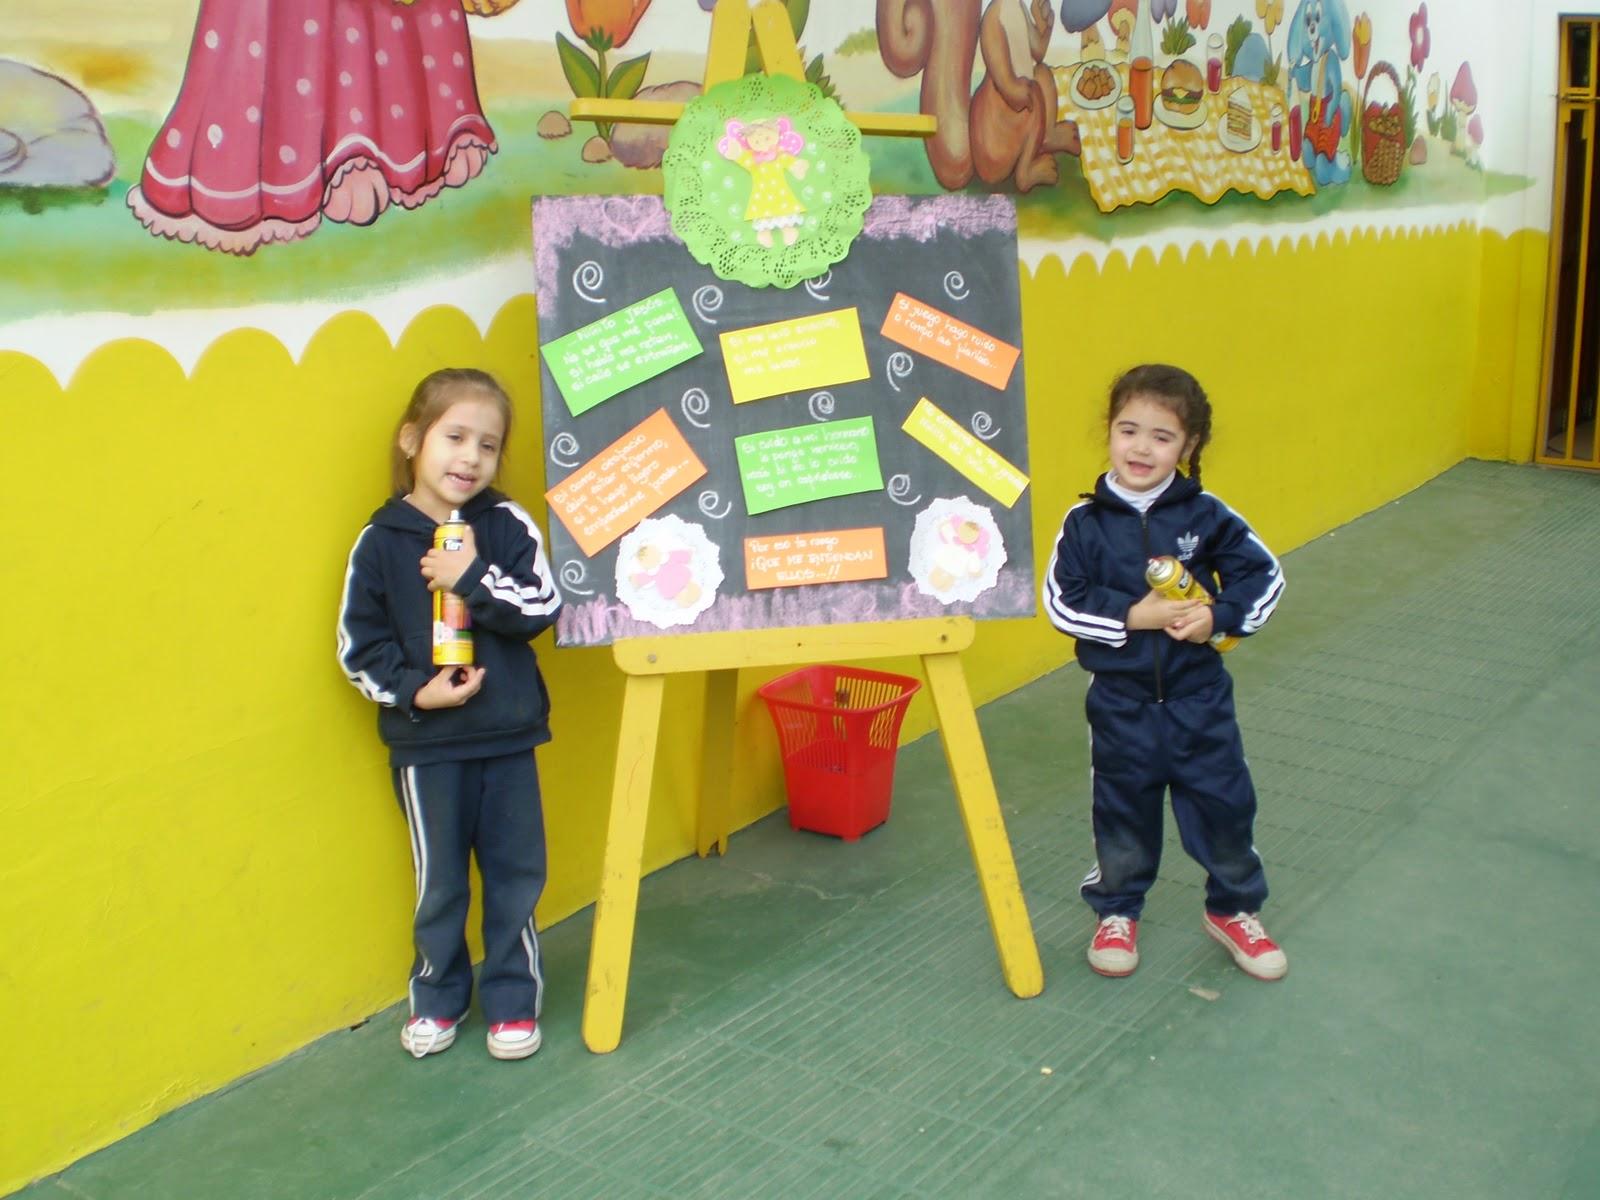 Maestra jardinera carteleras for Cancion para saludar al jardin de infantes